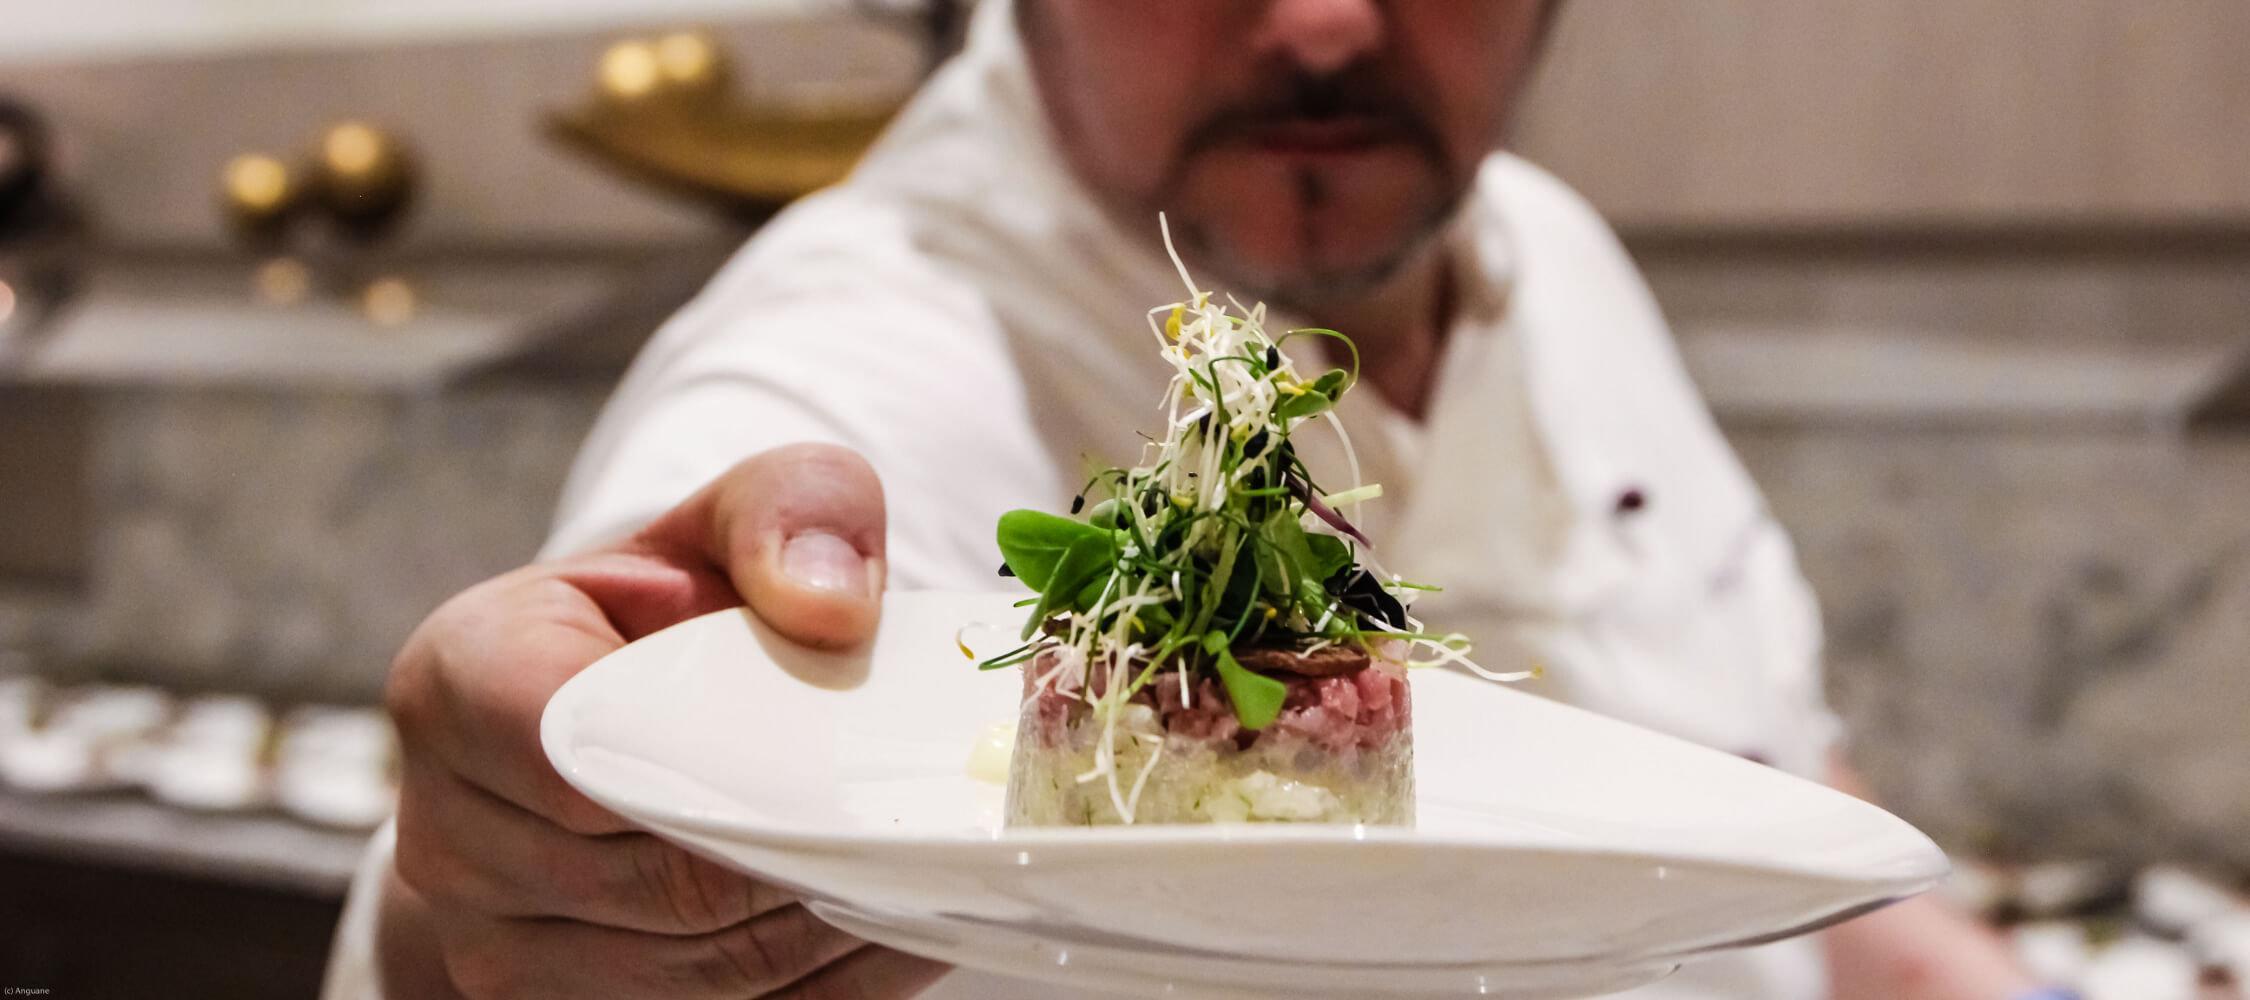 Restaurant_Tapas_Bar_The_Gallery_City_Hotel_Merano_Essen_Fisch_Tapas_Antipasto_Vorspeise_Hauptspeise_Dinner_Abend_Menu_Anguane_NY16-3687_2250x1000